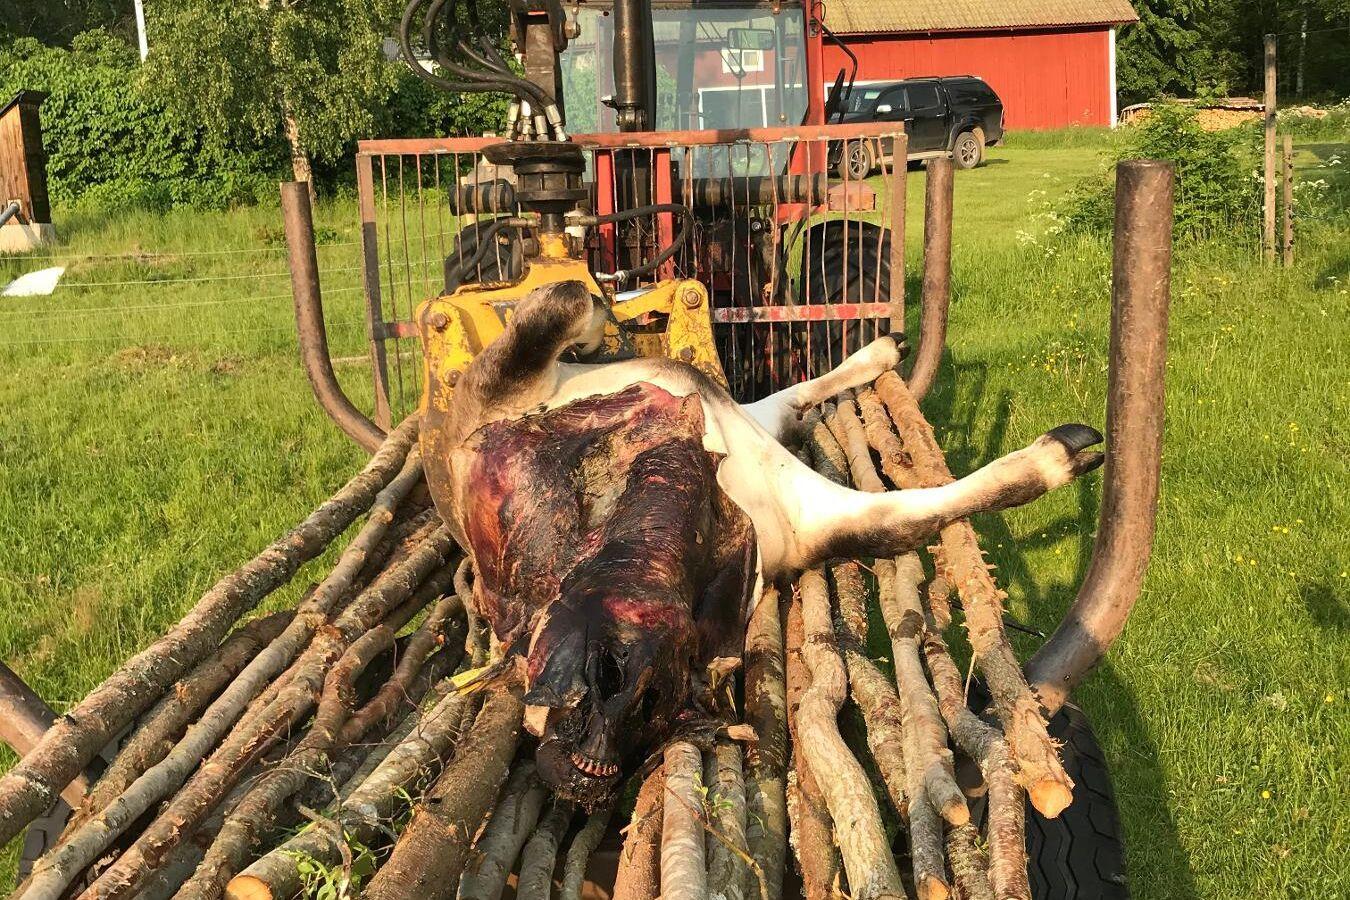 Resten av kvigorna ska, enligt lantbrukaren Mikael Bråtner, ha skrämt bort vargen efter att kvigan blivit attackerad.